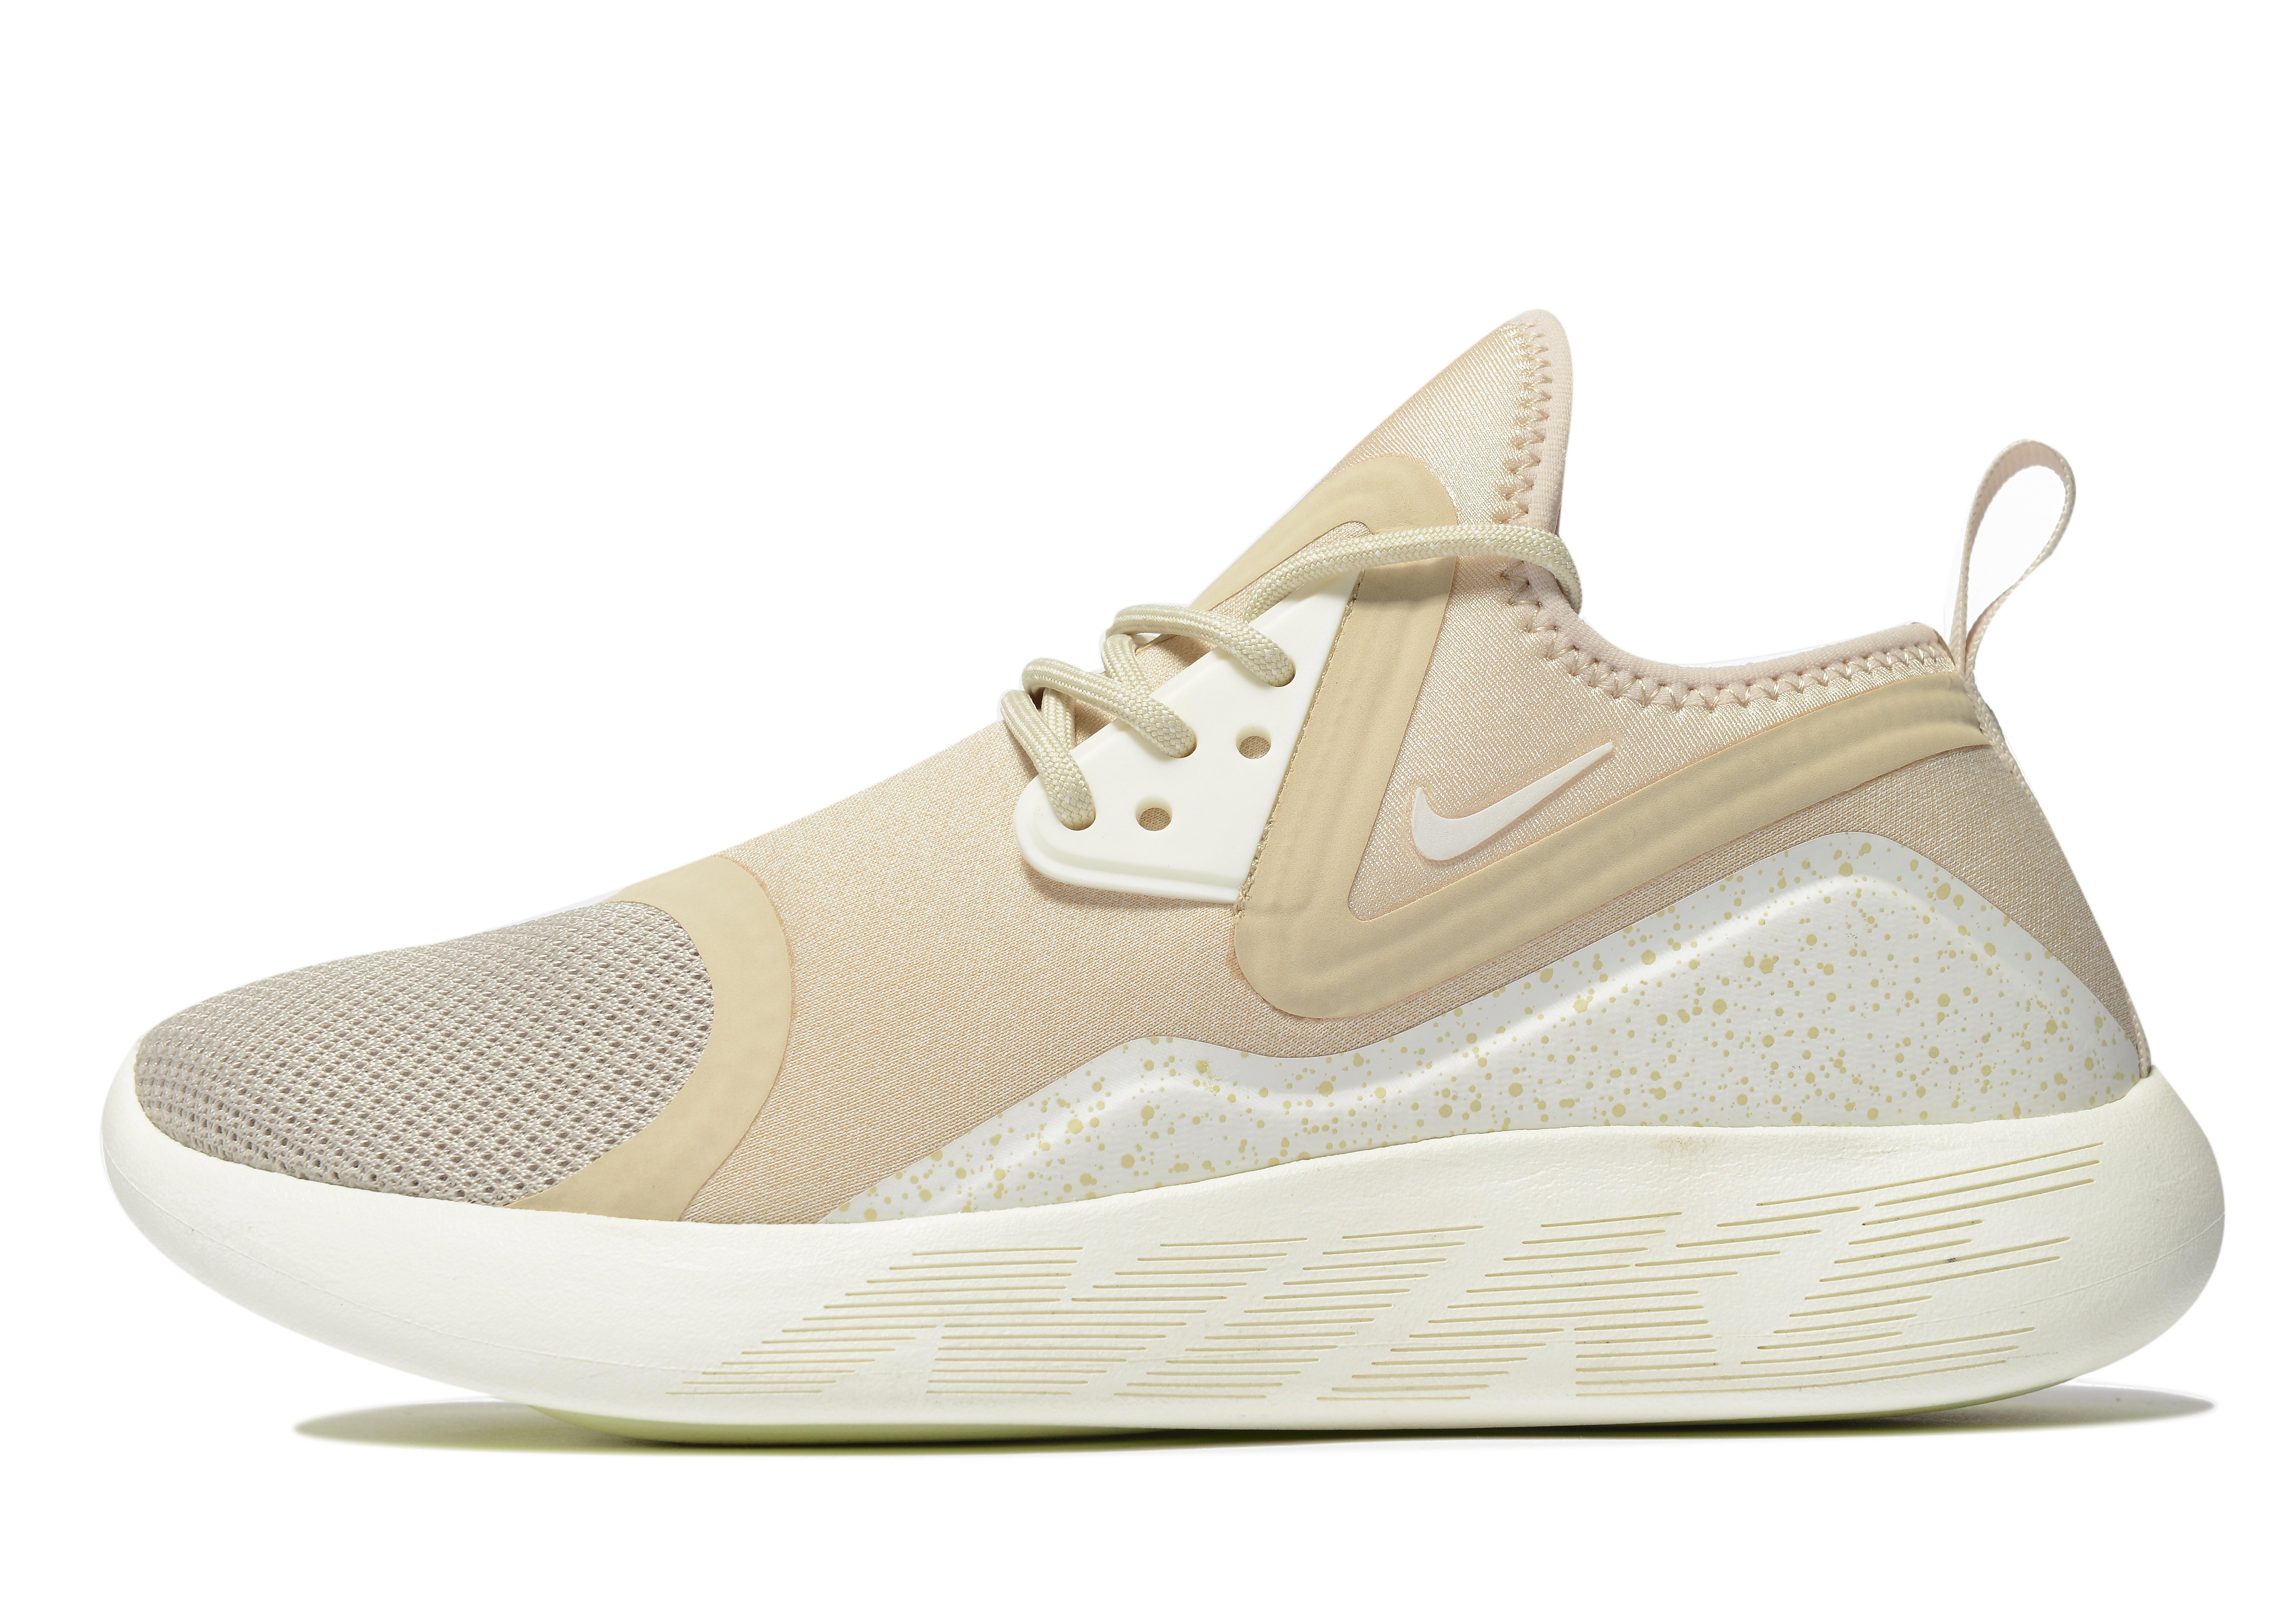 Nike Lunarcharge Femme